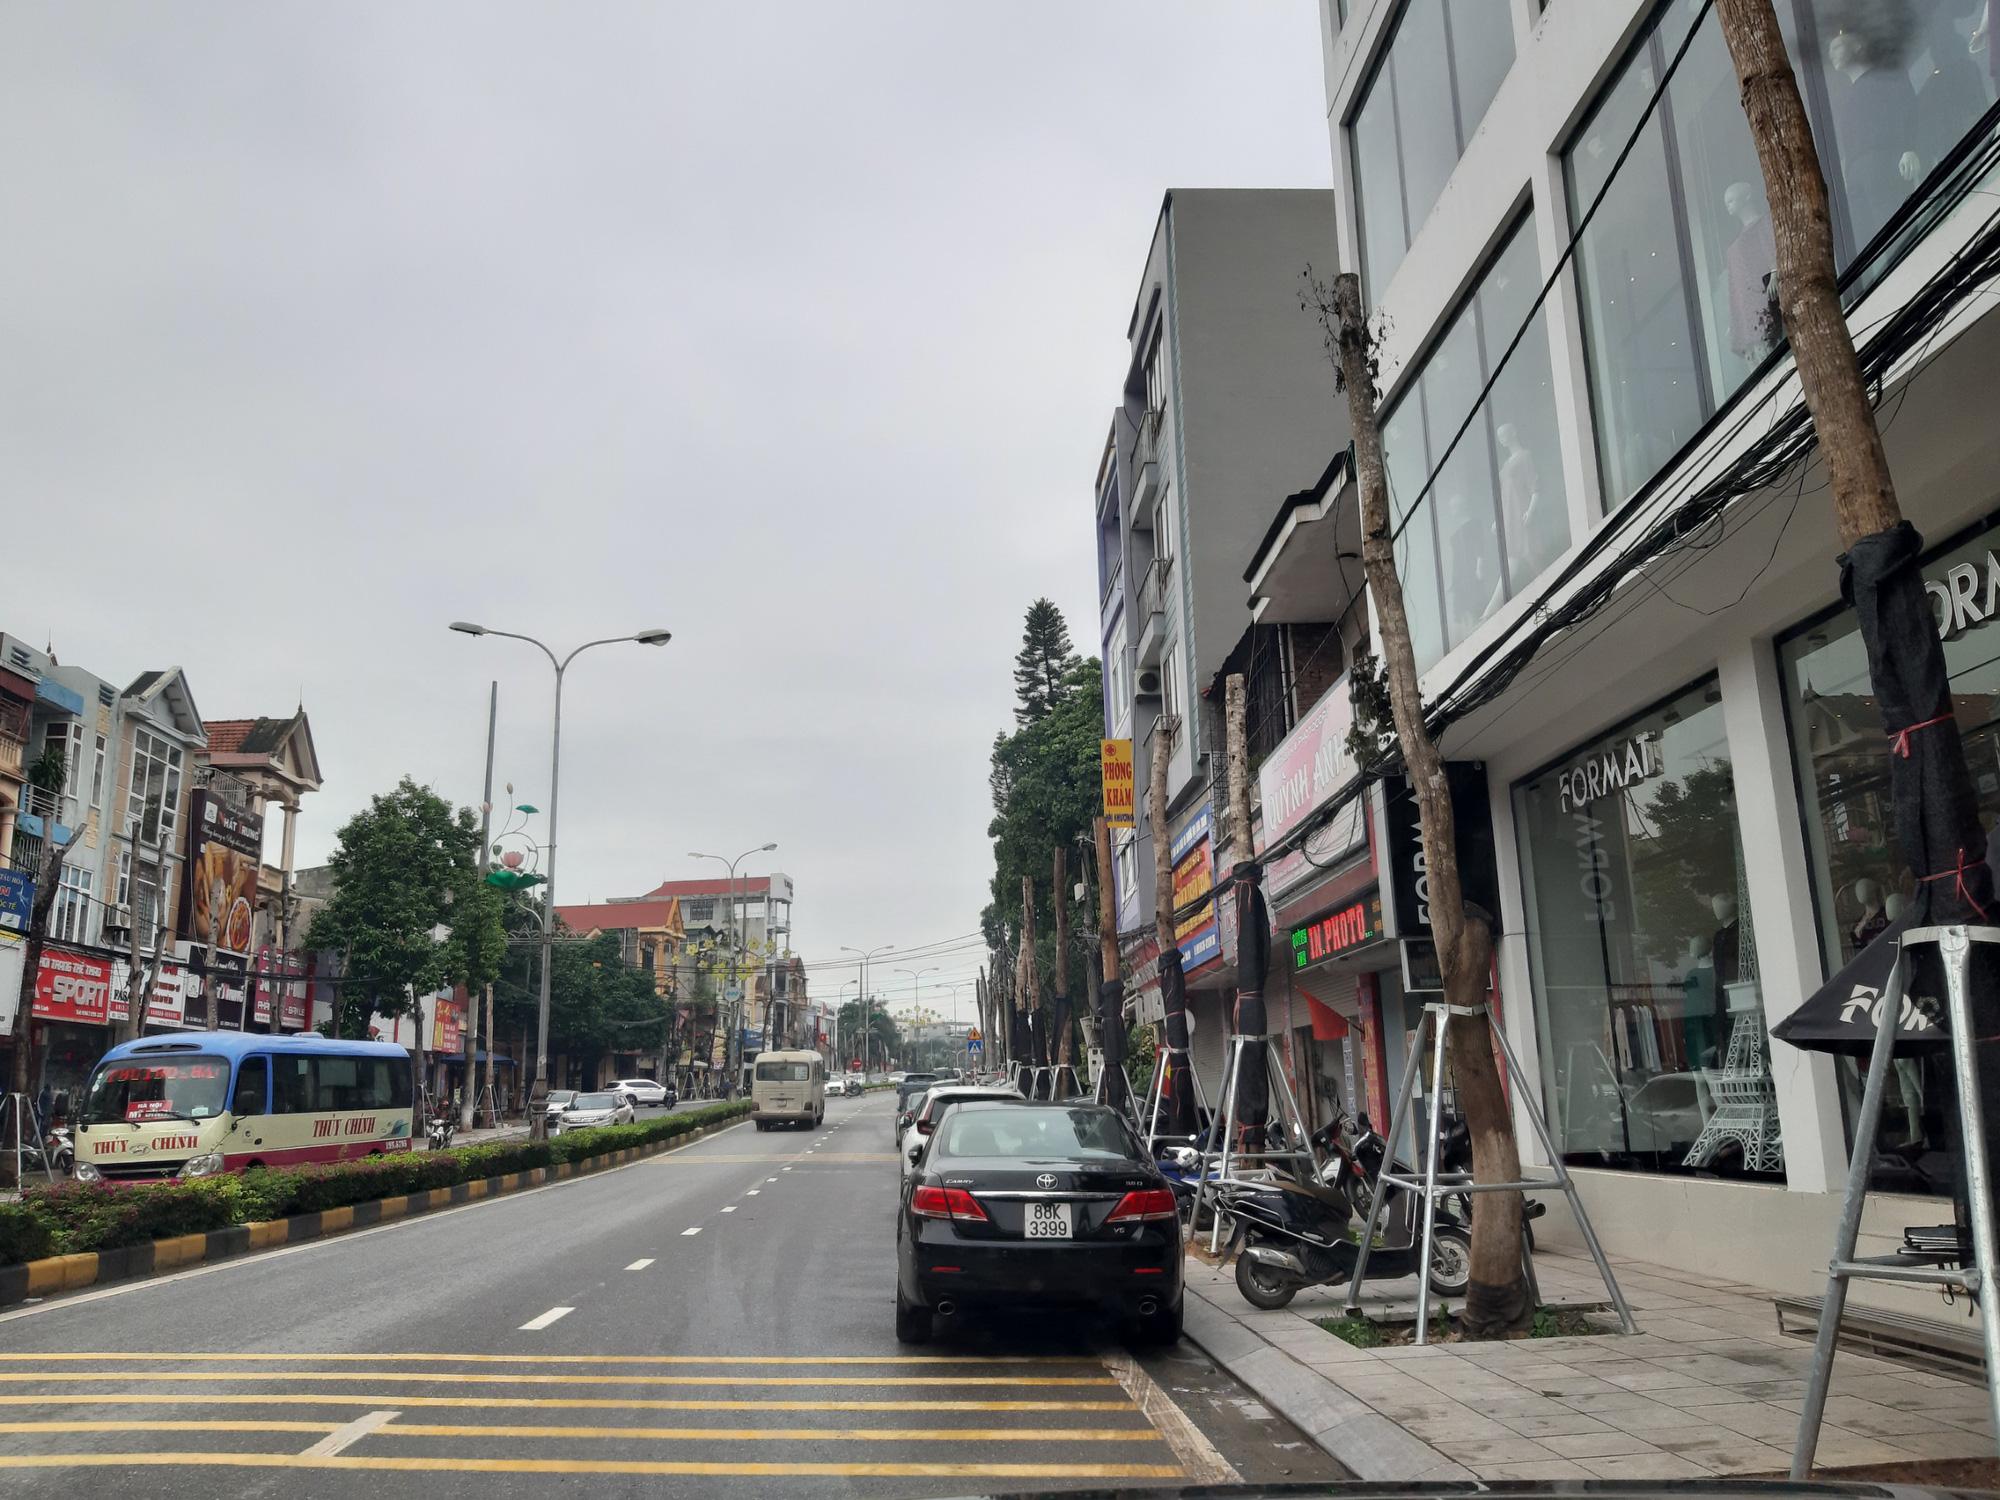 Vĩnh Phúc: La liệt cây xanh bị cụt ngọn, chết khô trên tuyến đường trung tâm thành phố - Ảnh 5.